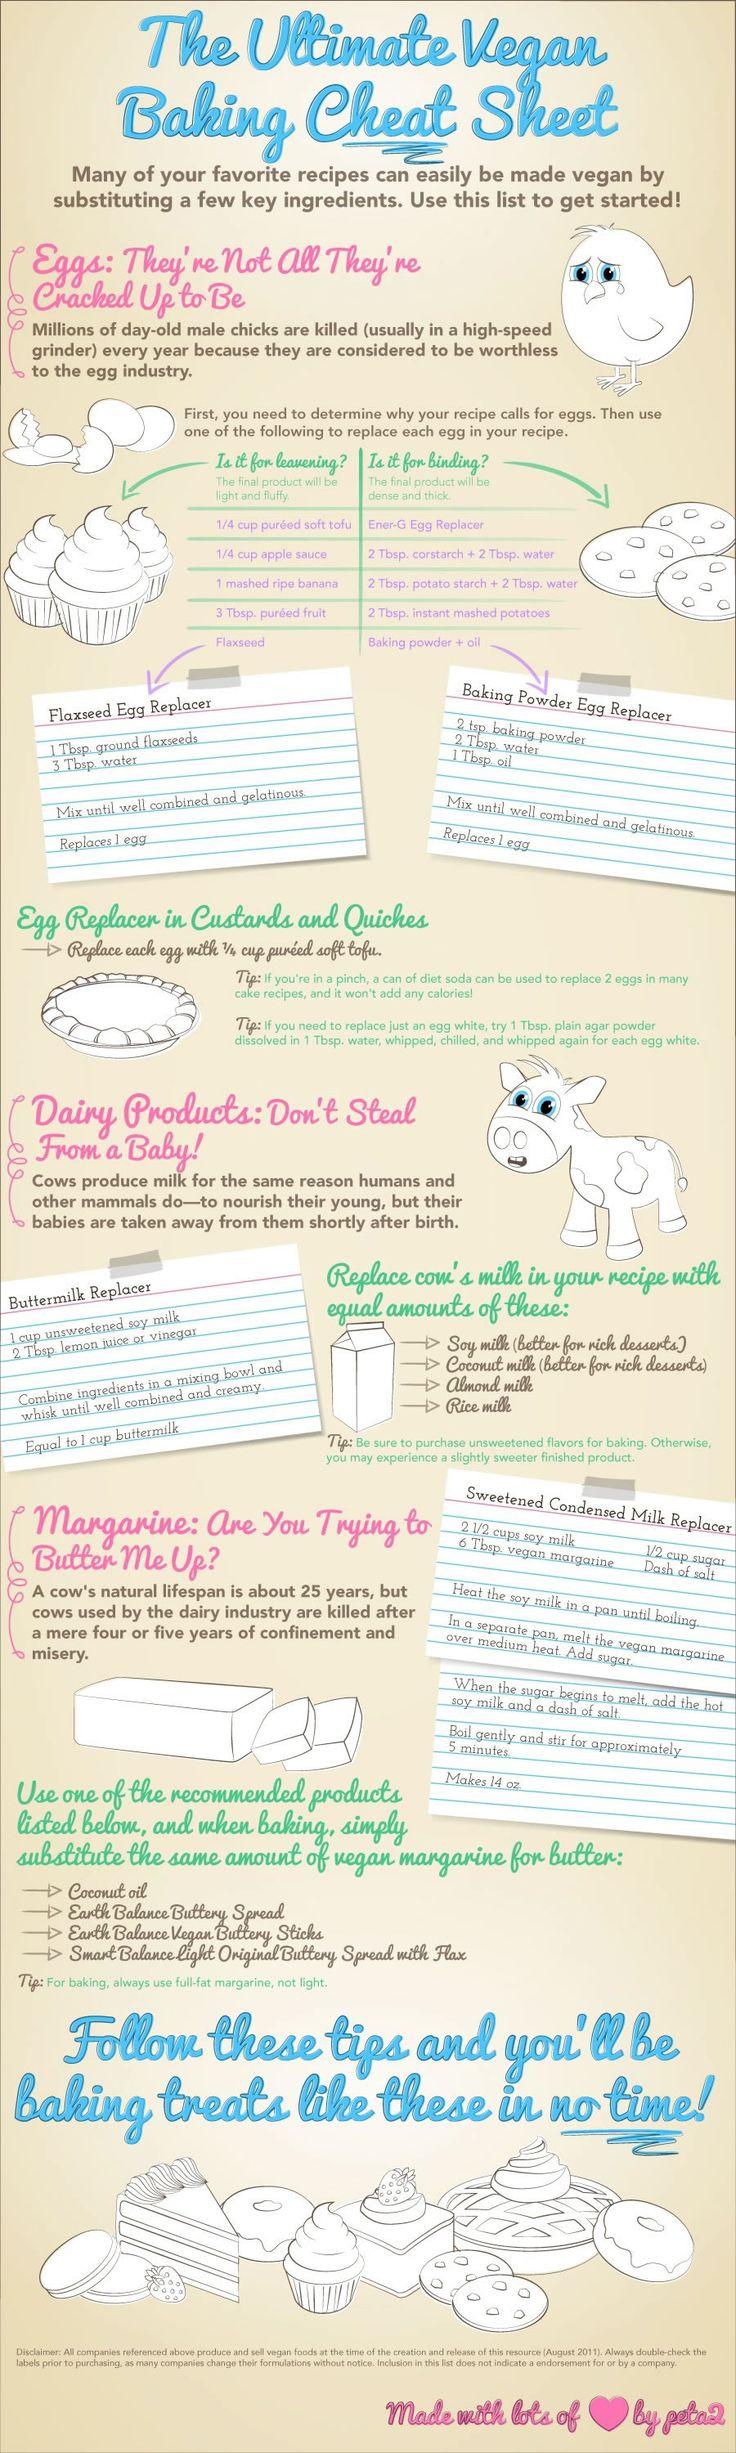 Vegan-Baking-peta-cheat-sheet-large